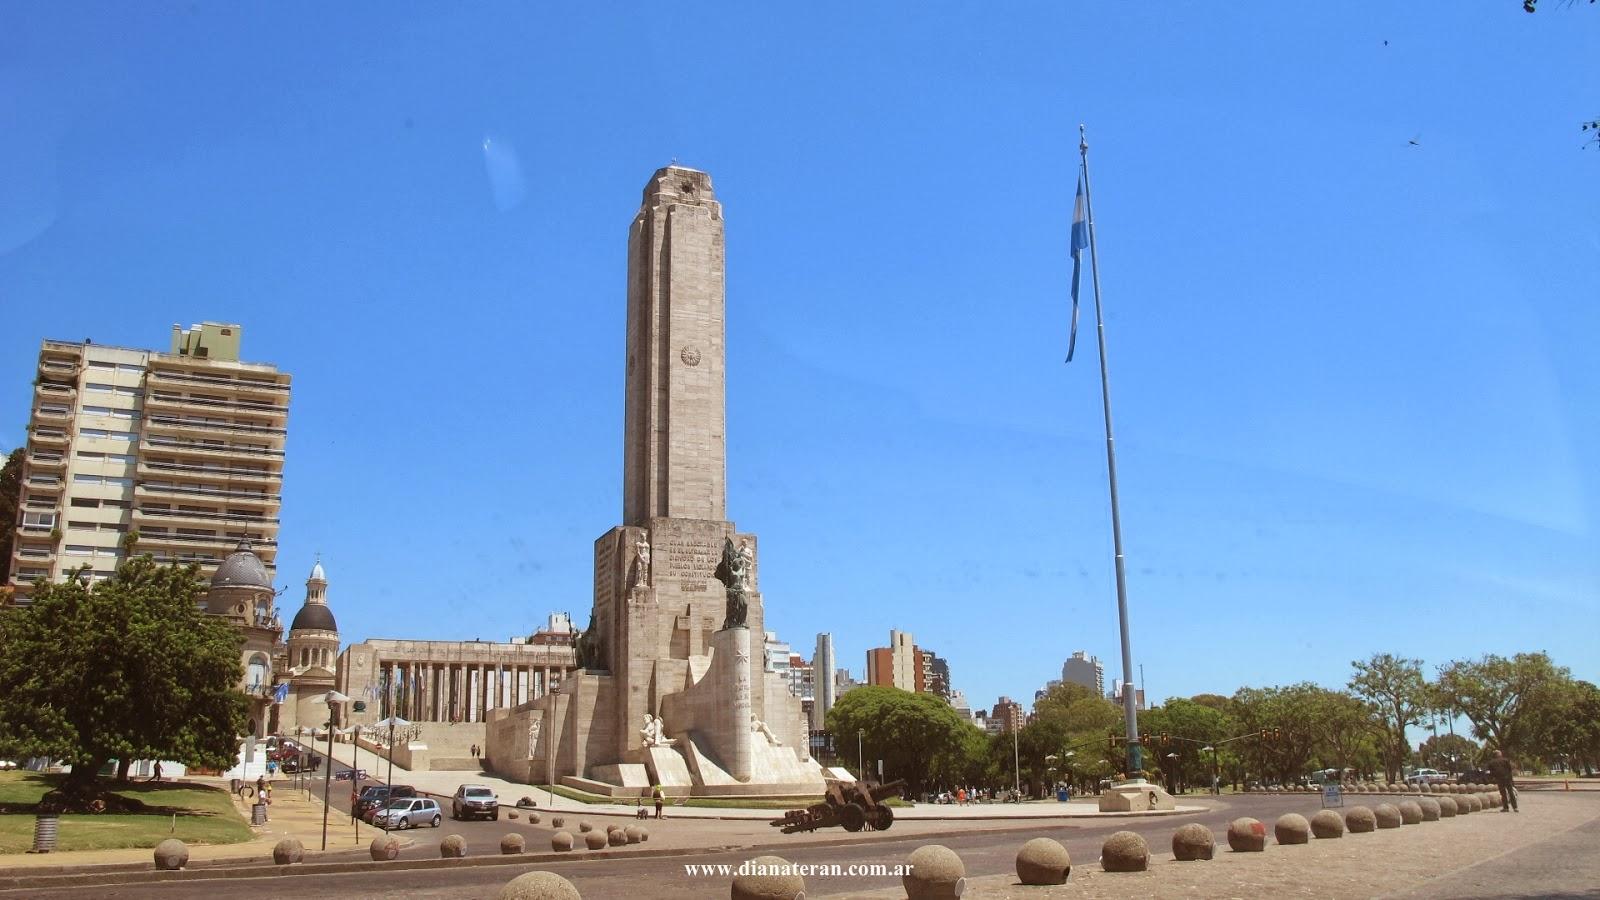 Diana teran fotos del dakar 2014 y fotos de la ciudad de for Ciudad espectaculos argentina